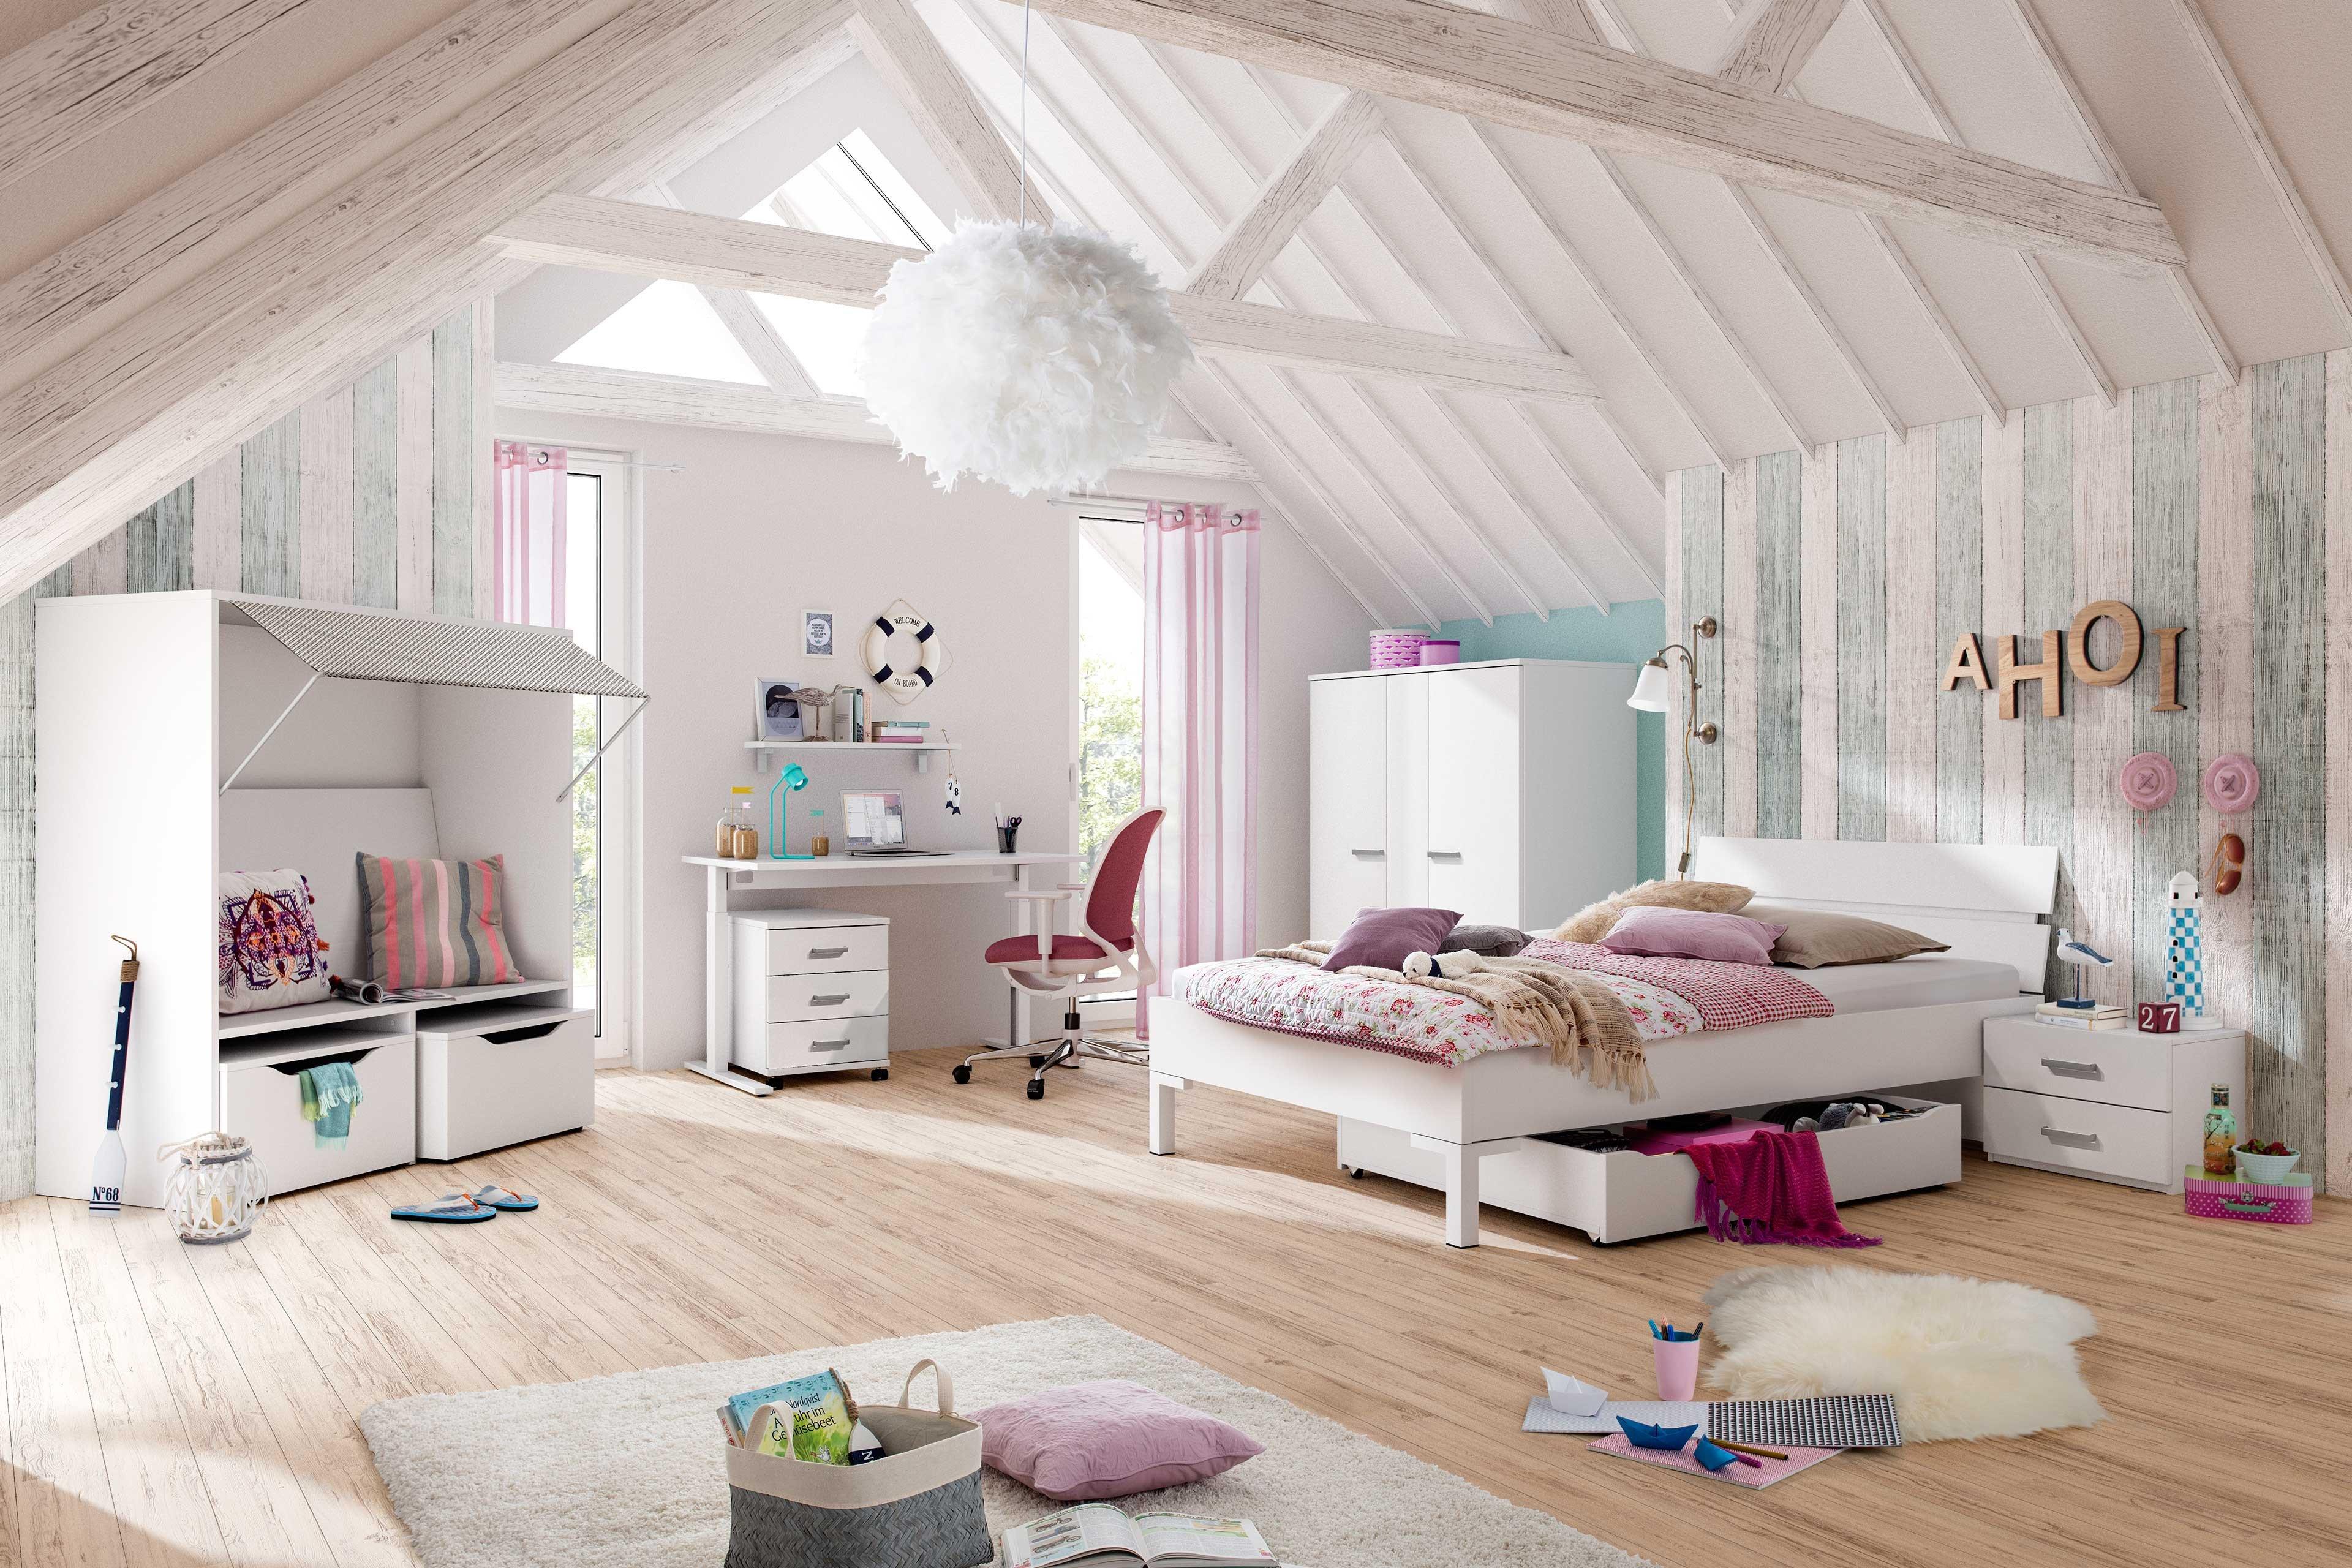 Kinderzimmer einrichtung mobel auswahlen dekoration for Kinderzimmer einrichtung shop